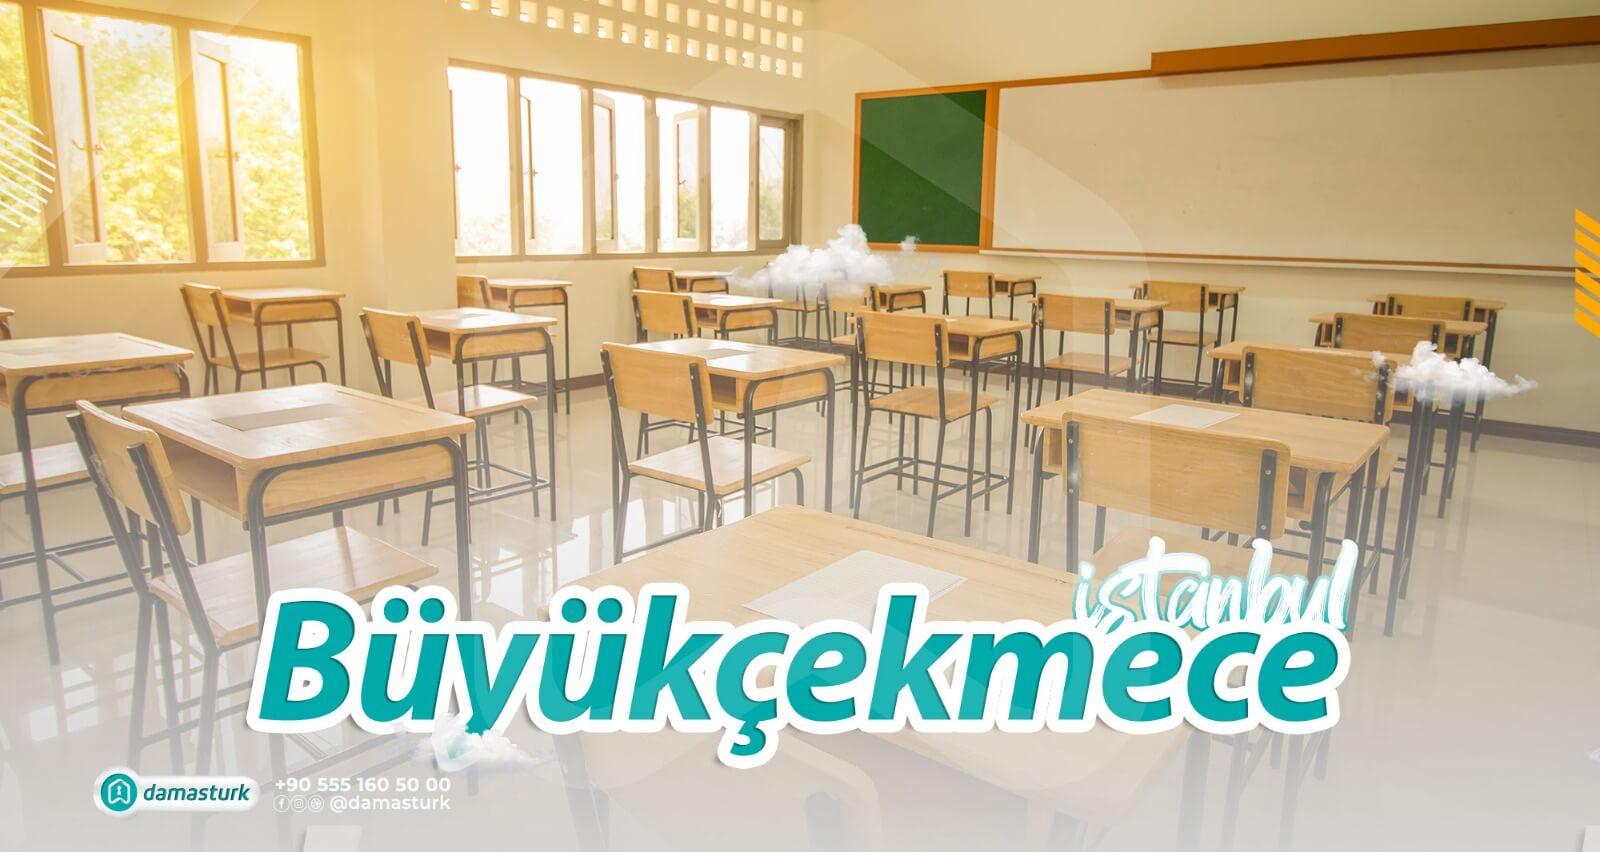 الجامعات والمدارس في منطقة بيوك شكمجة 2021